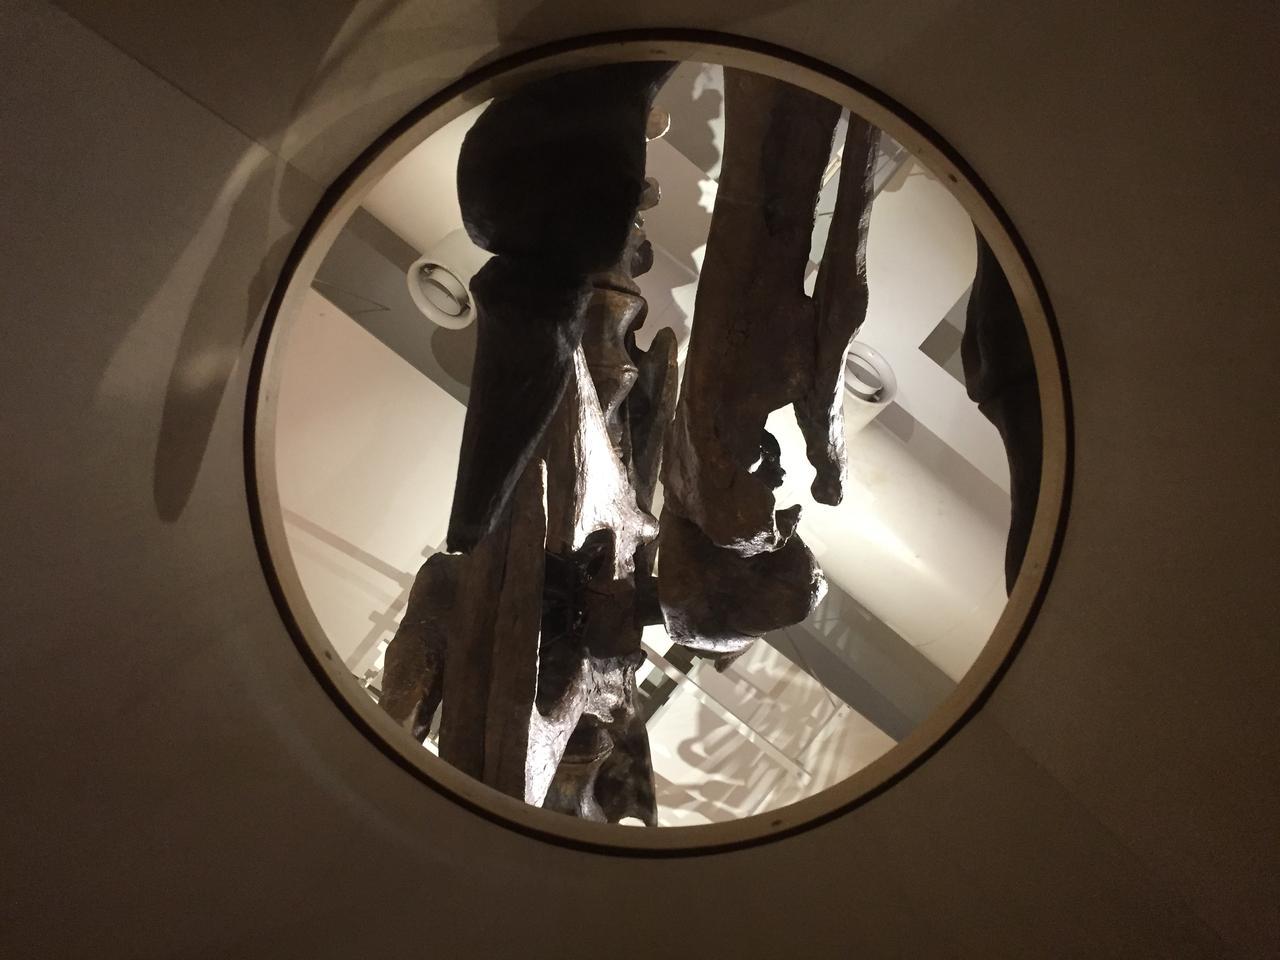 画像: 下から覗いた図。大人だけでなく子どものティラノサウルスも覗けます。